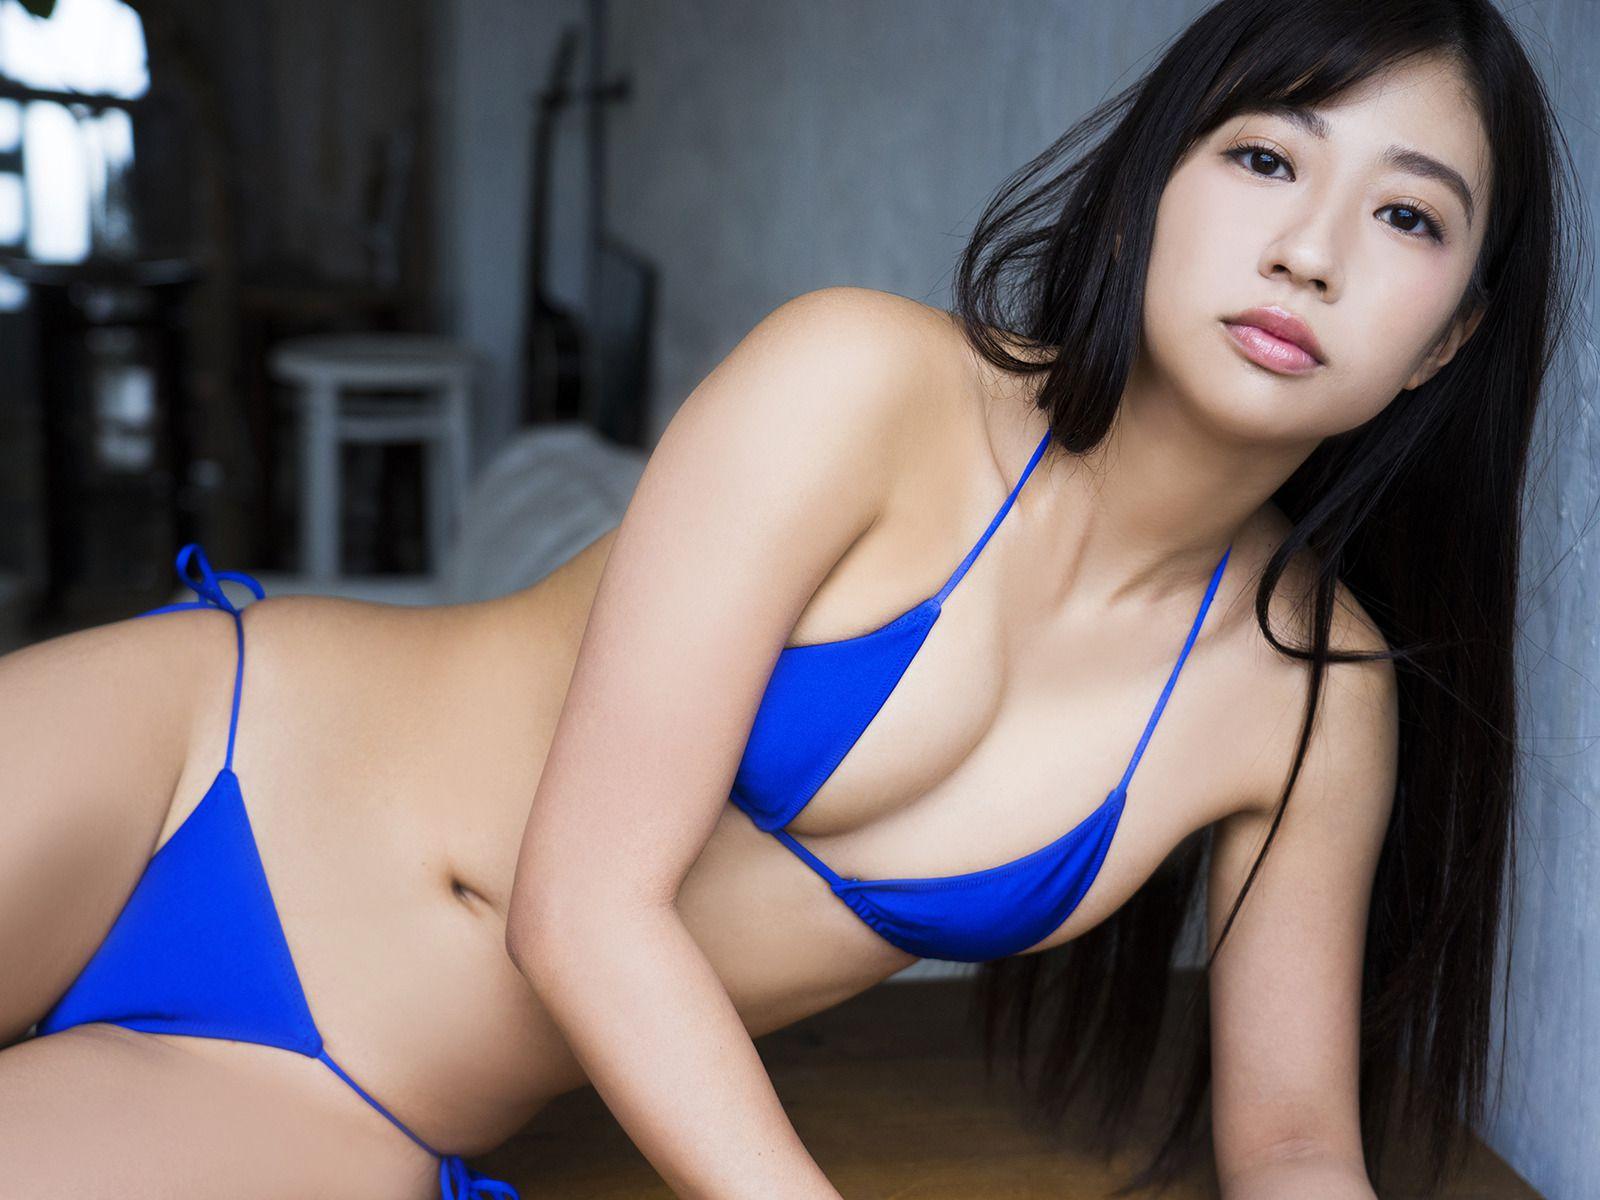 Suitable breast queen032